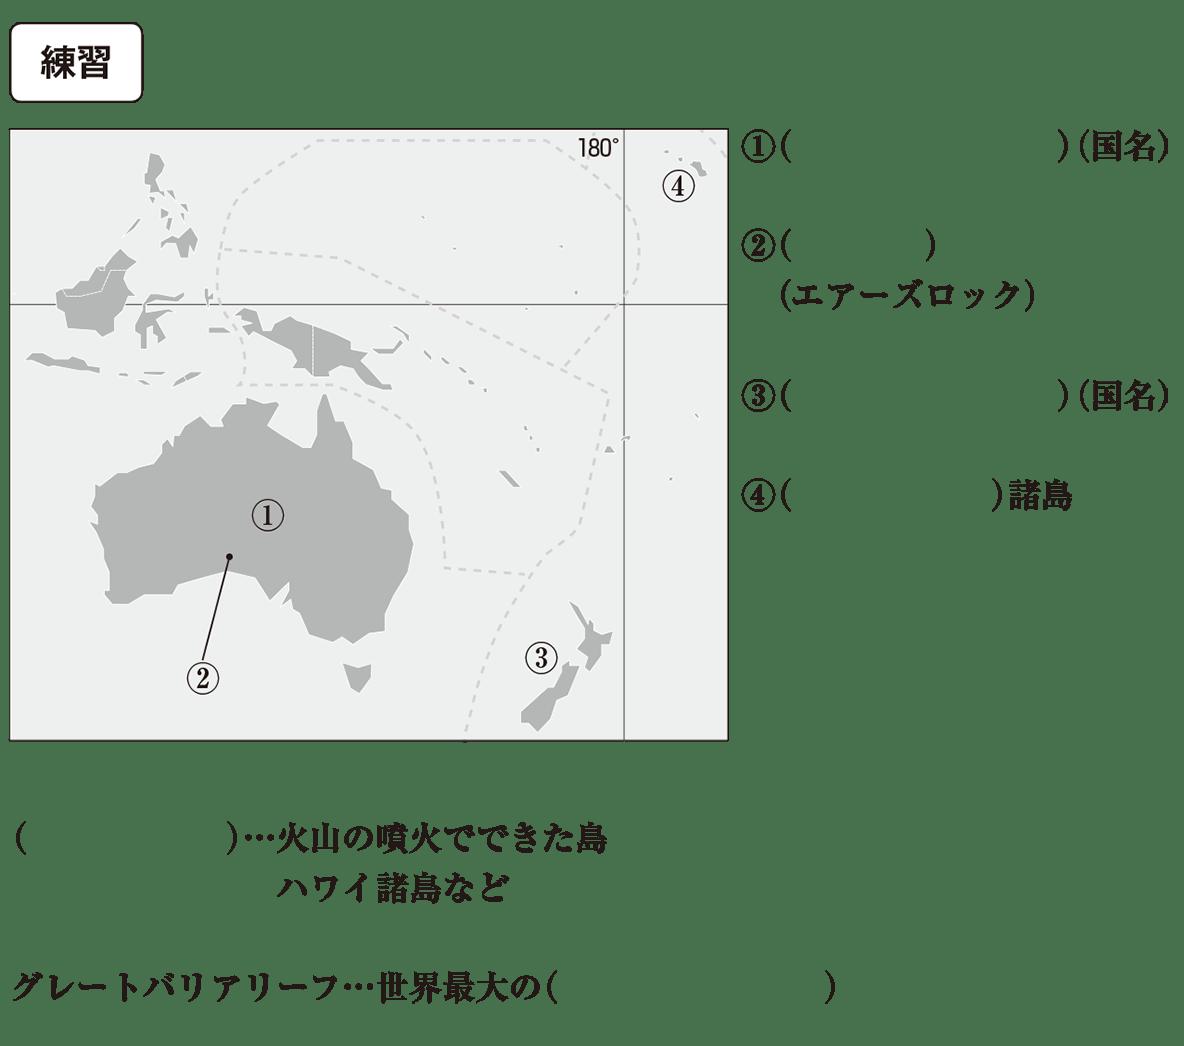 中学地理28 練習 カッコ空欄